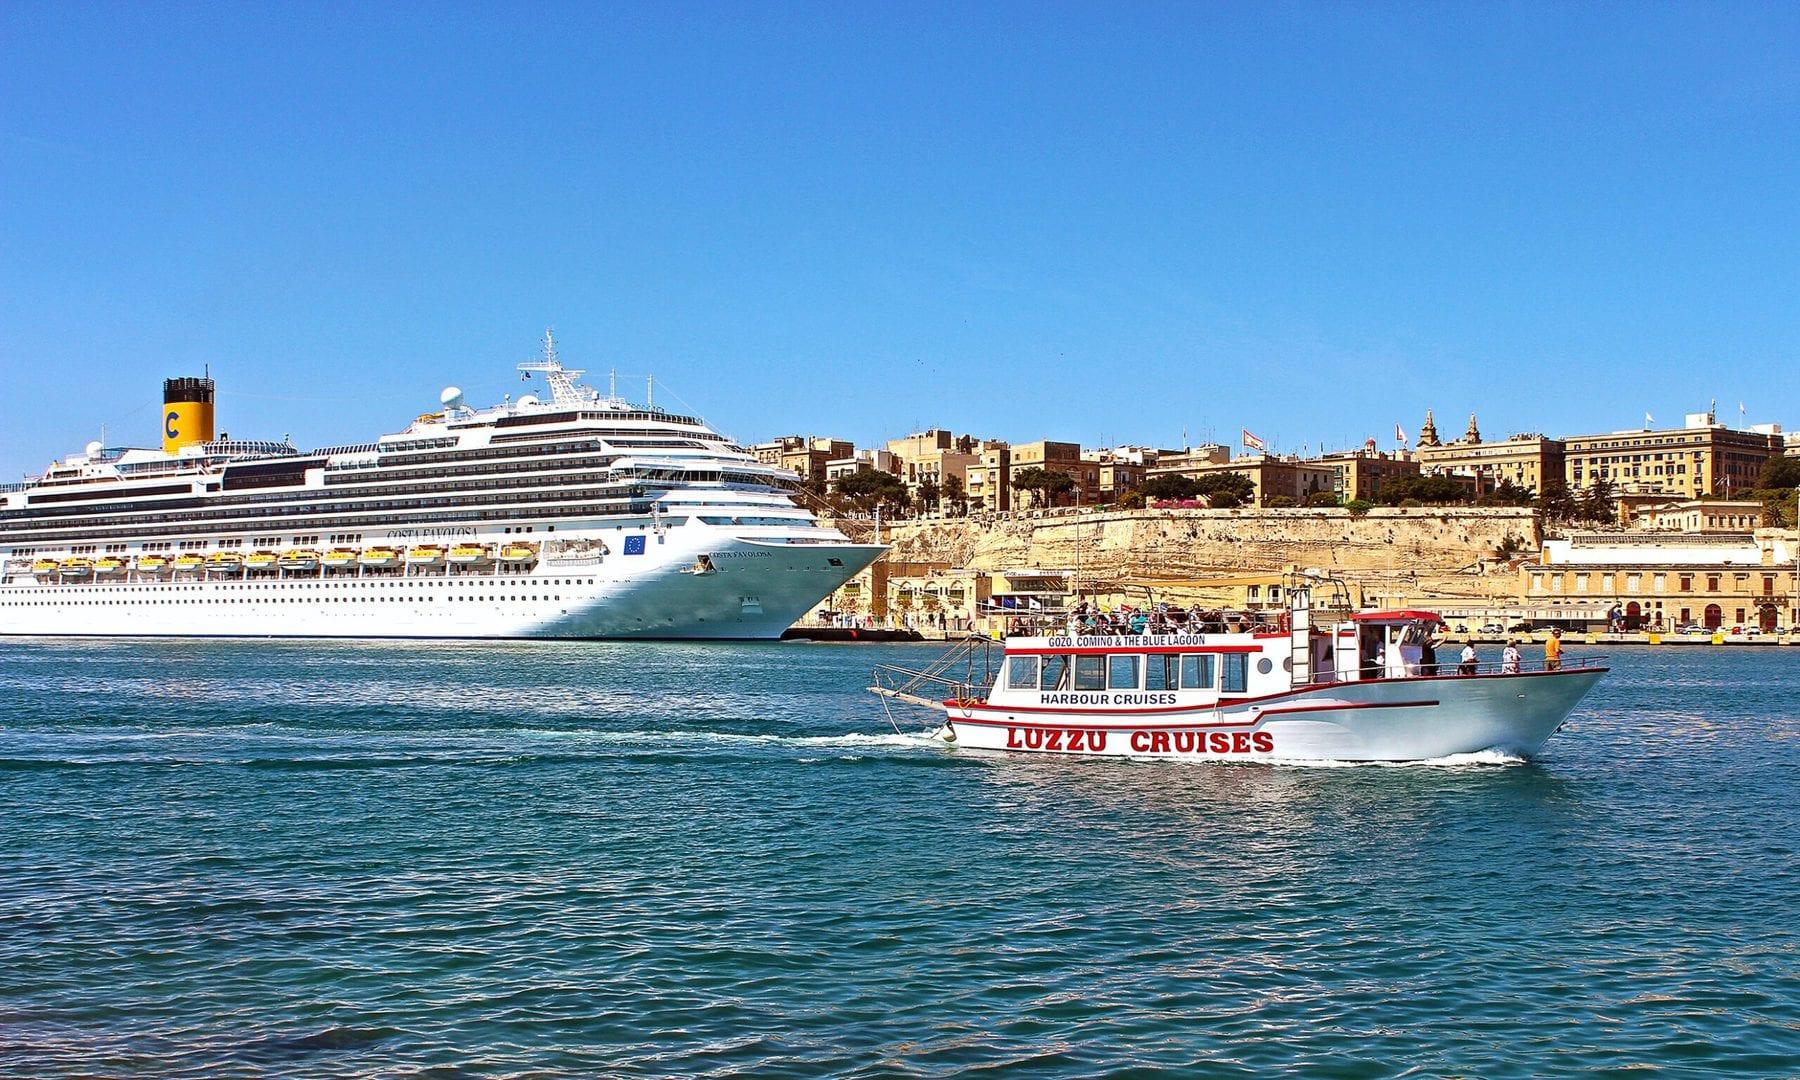 Havnerundfart-malta-studieprogram-studierejser